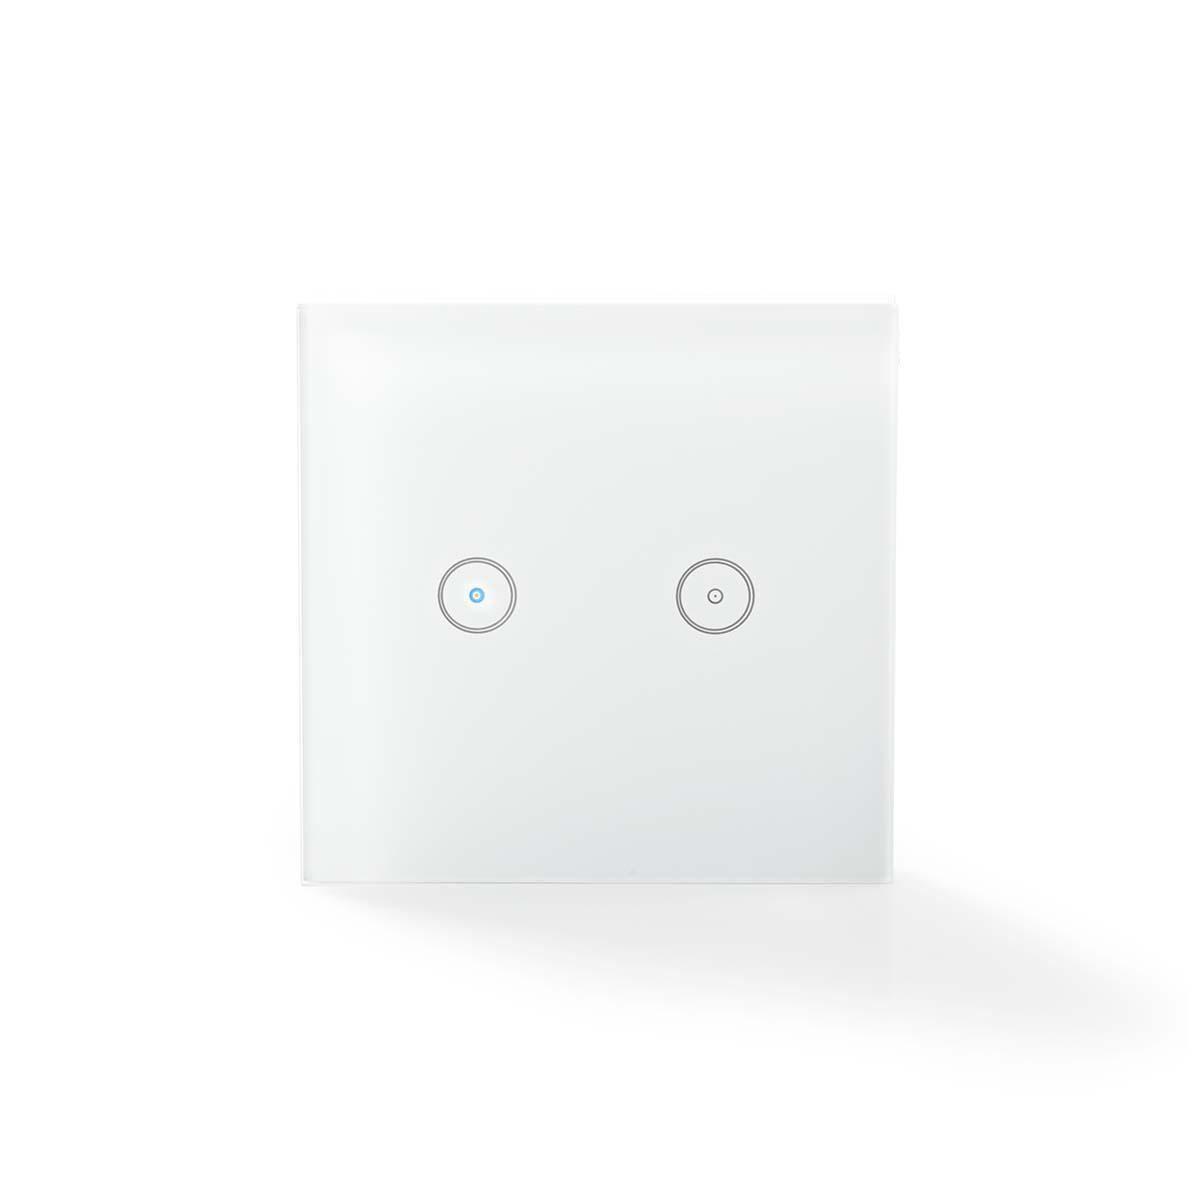 Nedis WIFI SMART LIGHT SWITCH Dual Dual Dual wifiws 20WT 404853